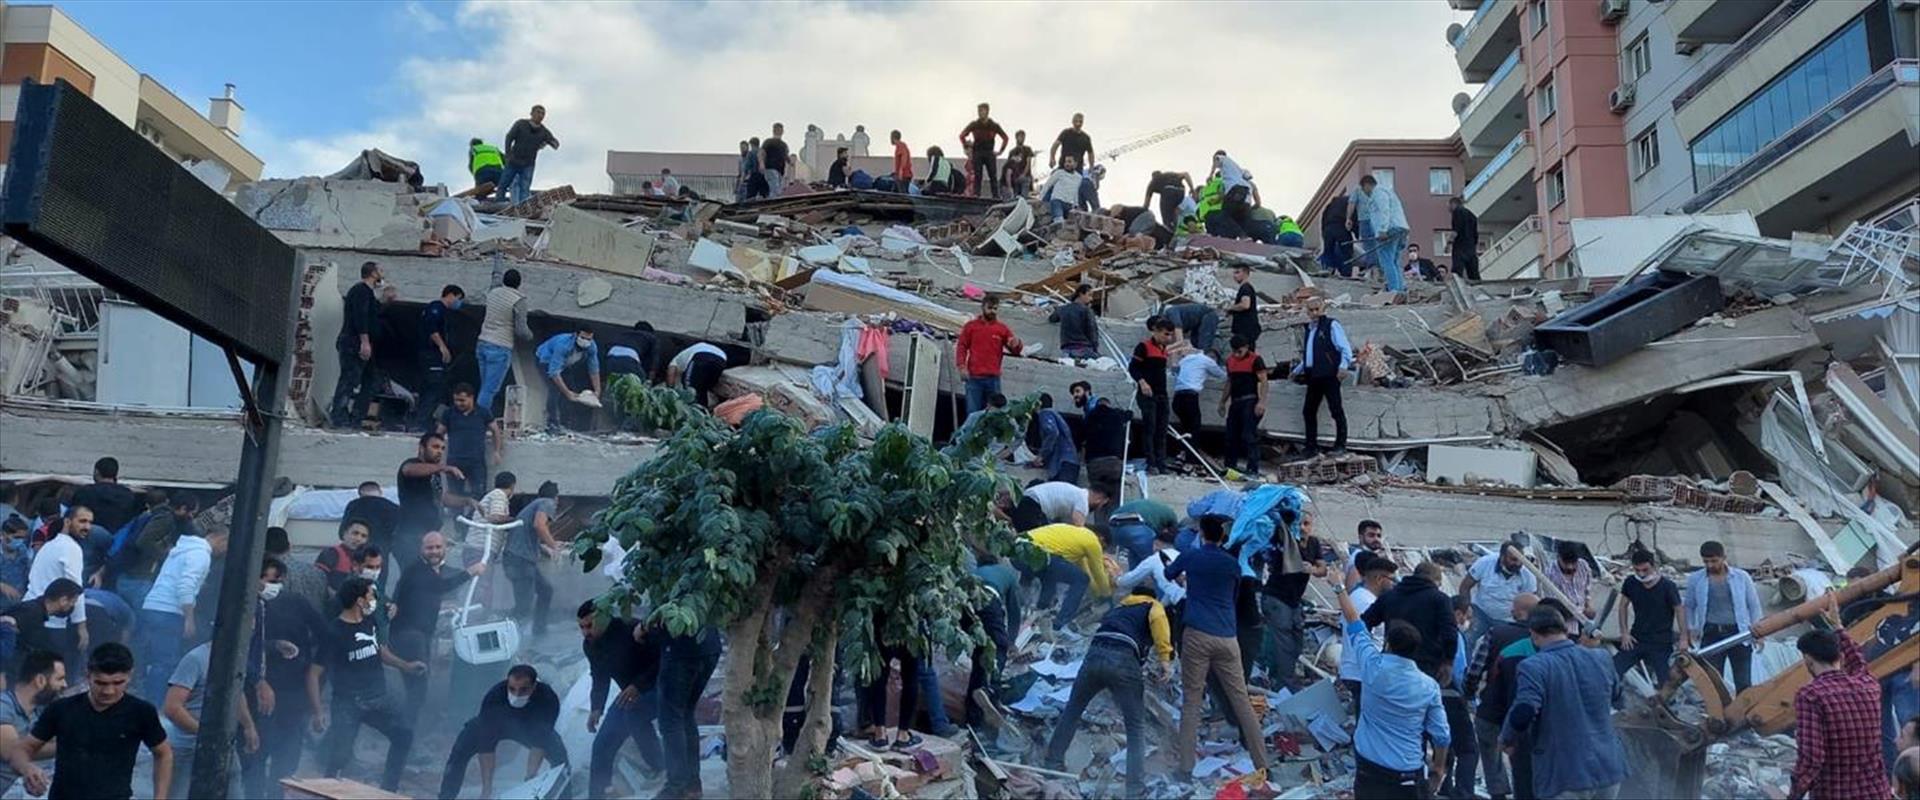 תיעוד מההריסות בטורקיה